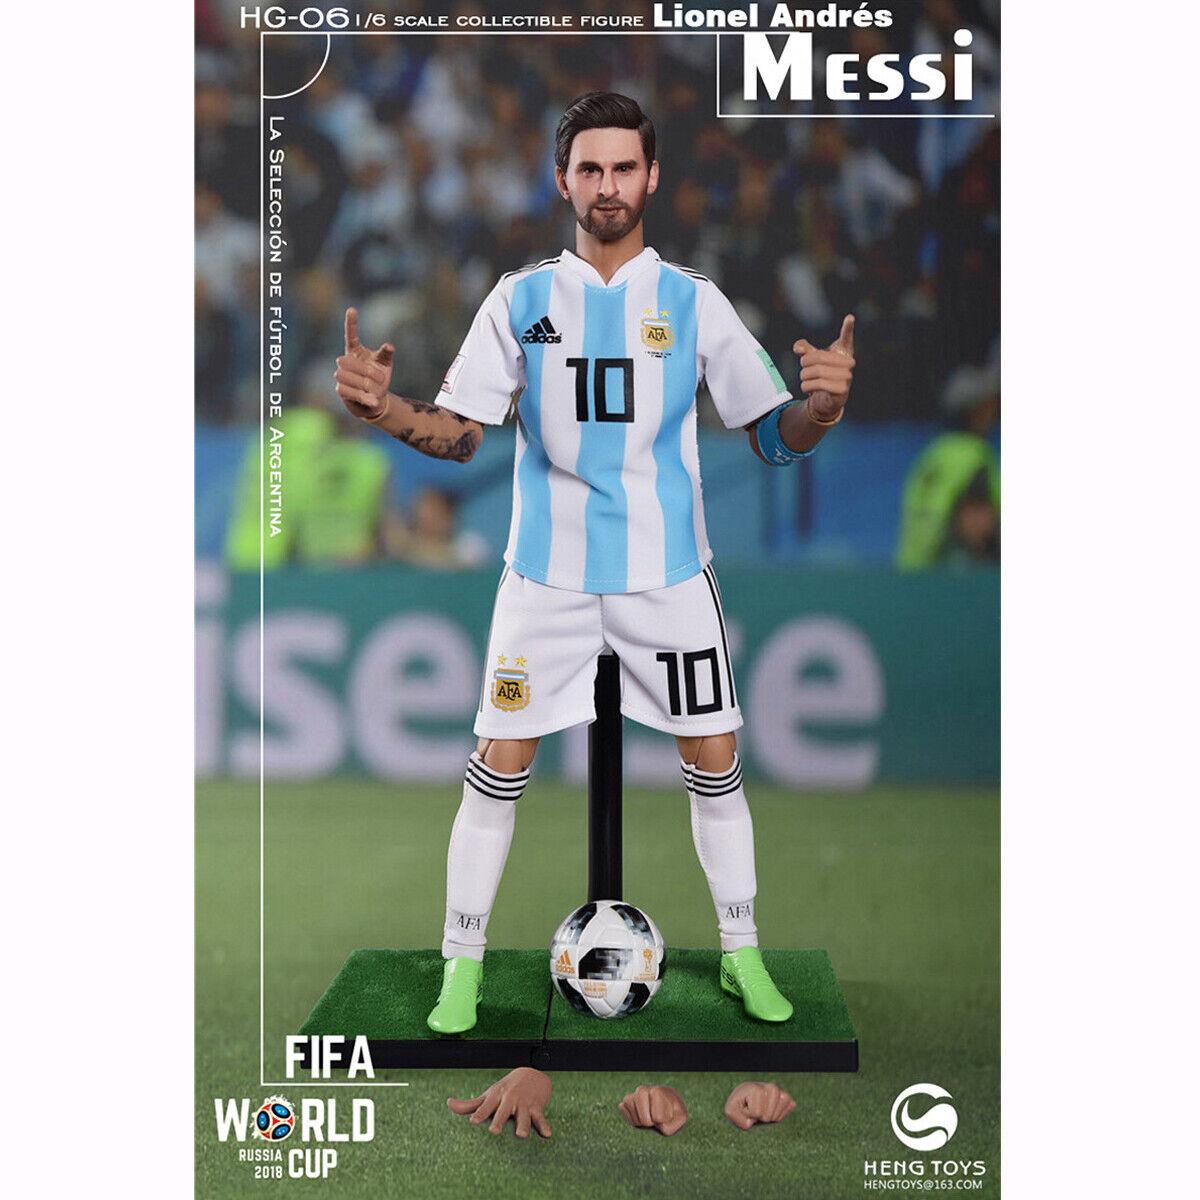 HENG leksaker 1  6 HG -06 2018 värld Cup fotboll Fotboll Spelare Messi Figur Body leksaker